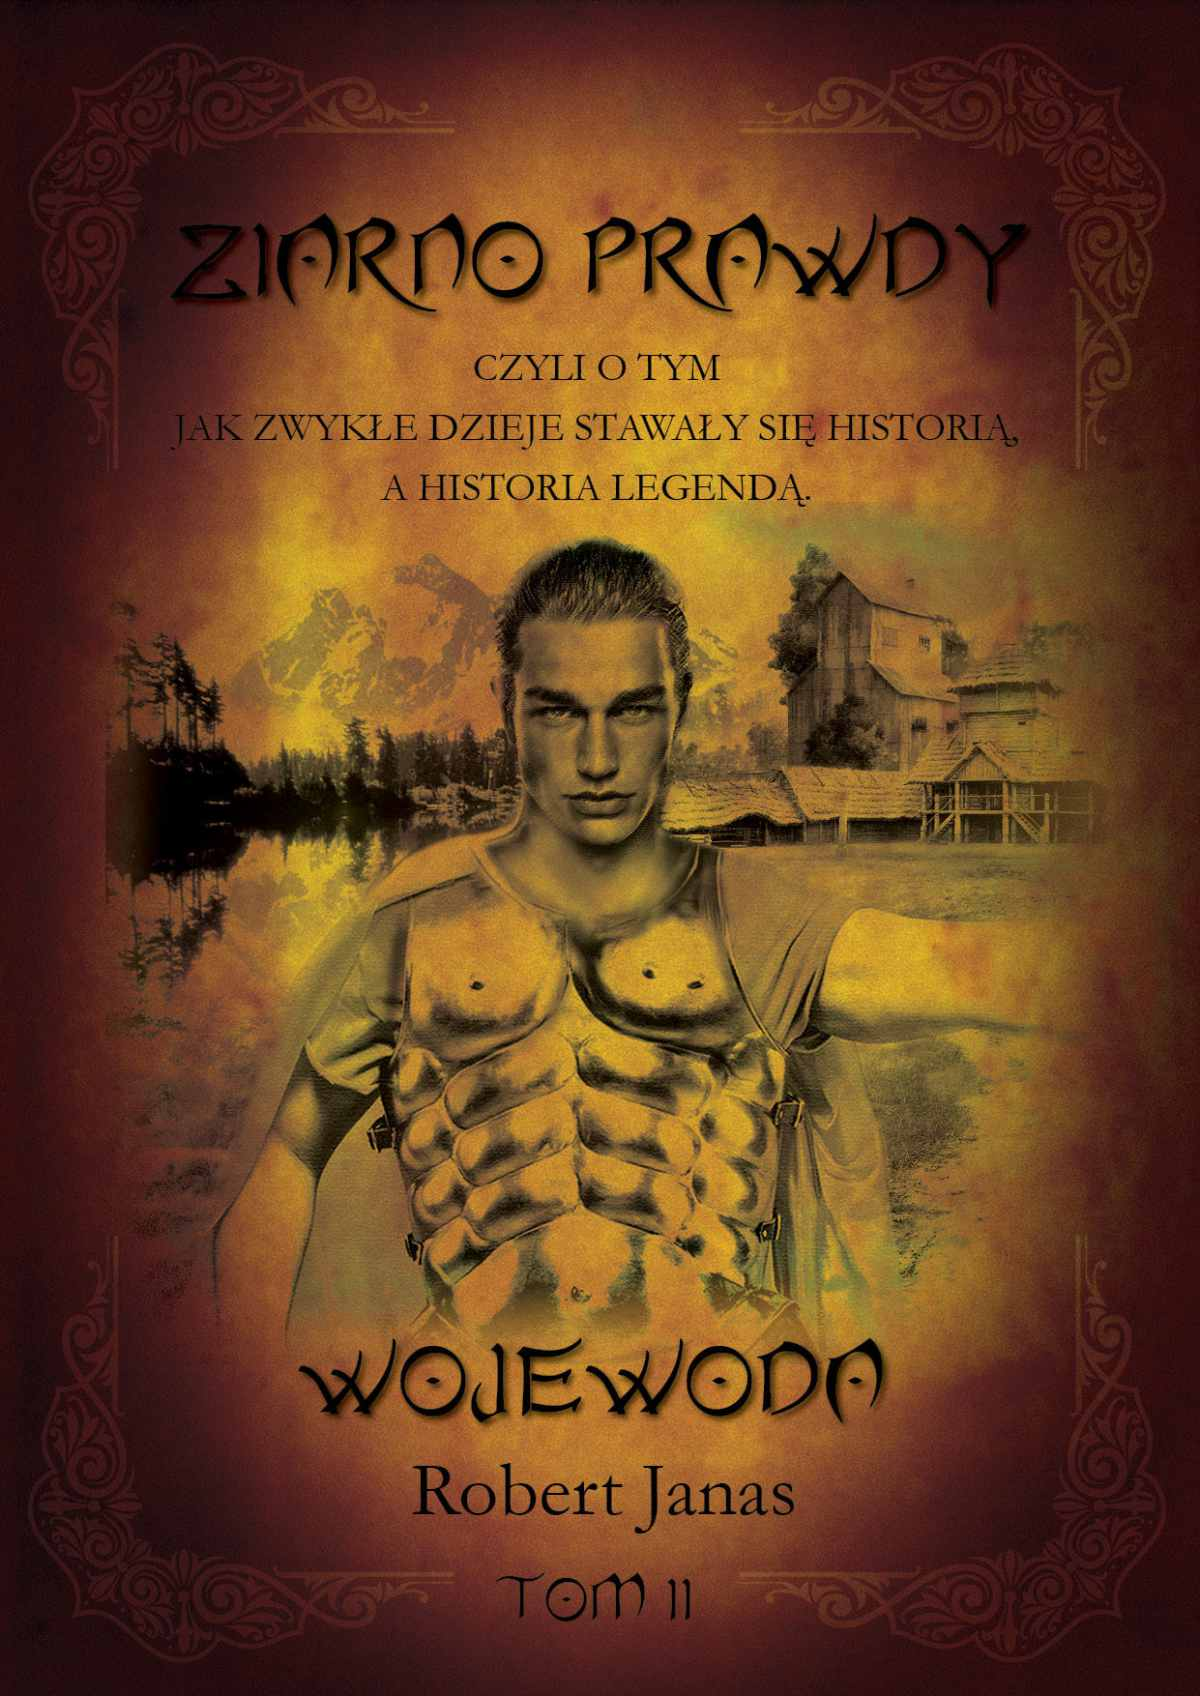 Ziarno prawdy. Tom II Wojewoda - Ebook (Książka EPUB) do pobrania w formacie EPUB